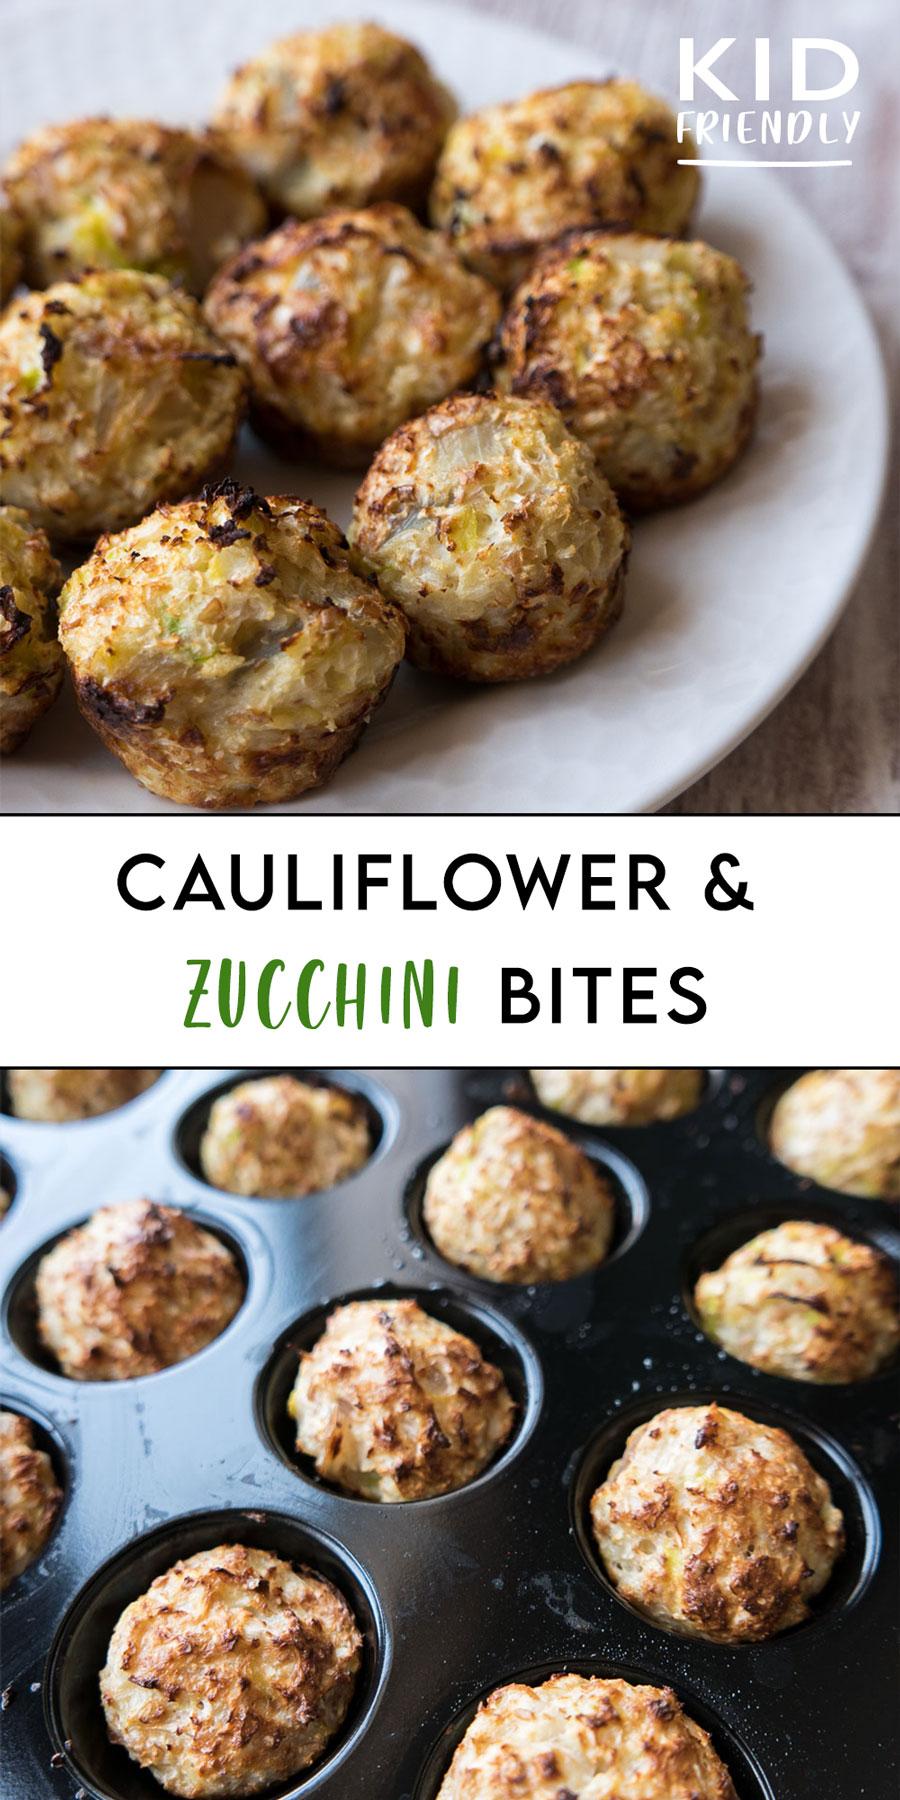 Cauliflower and Zucchini bites